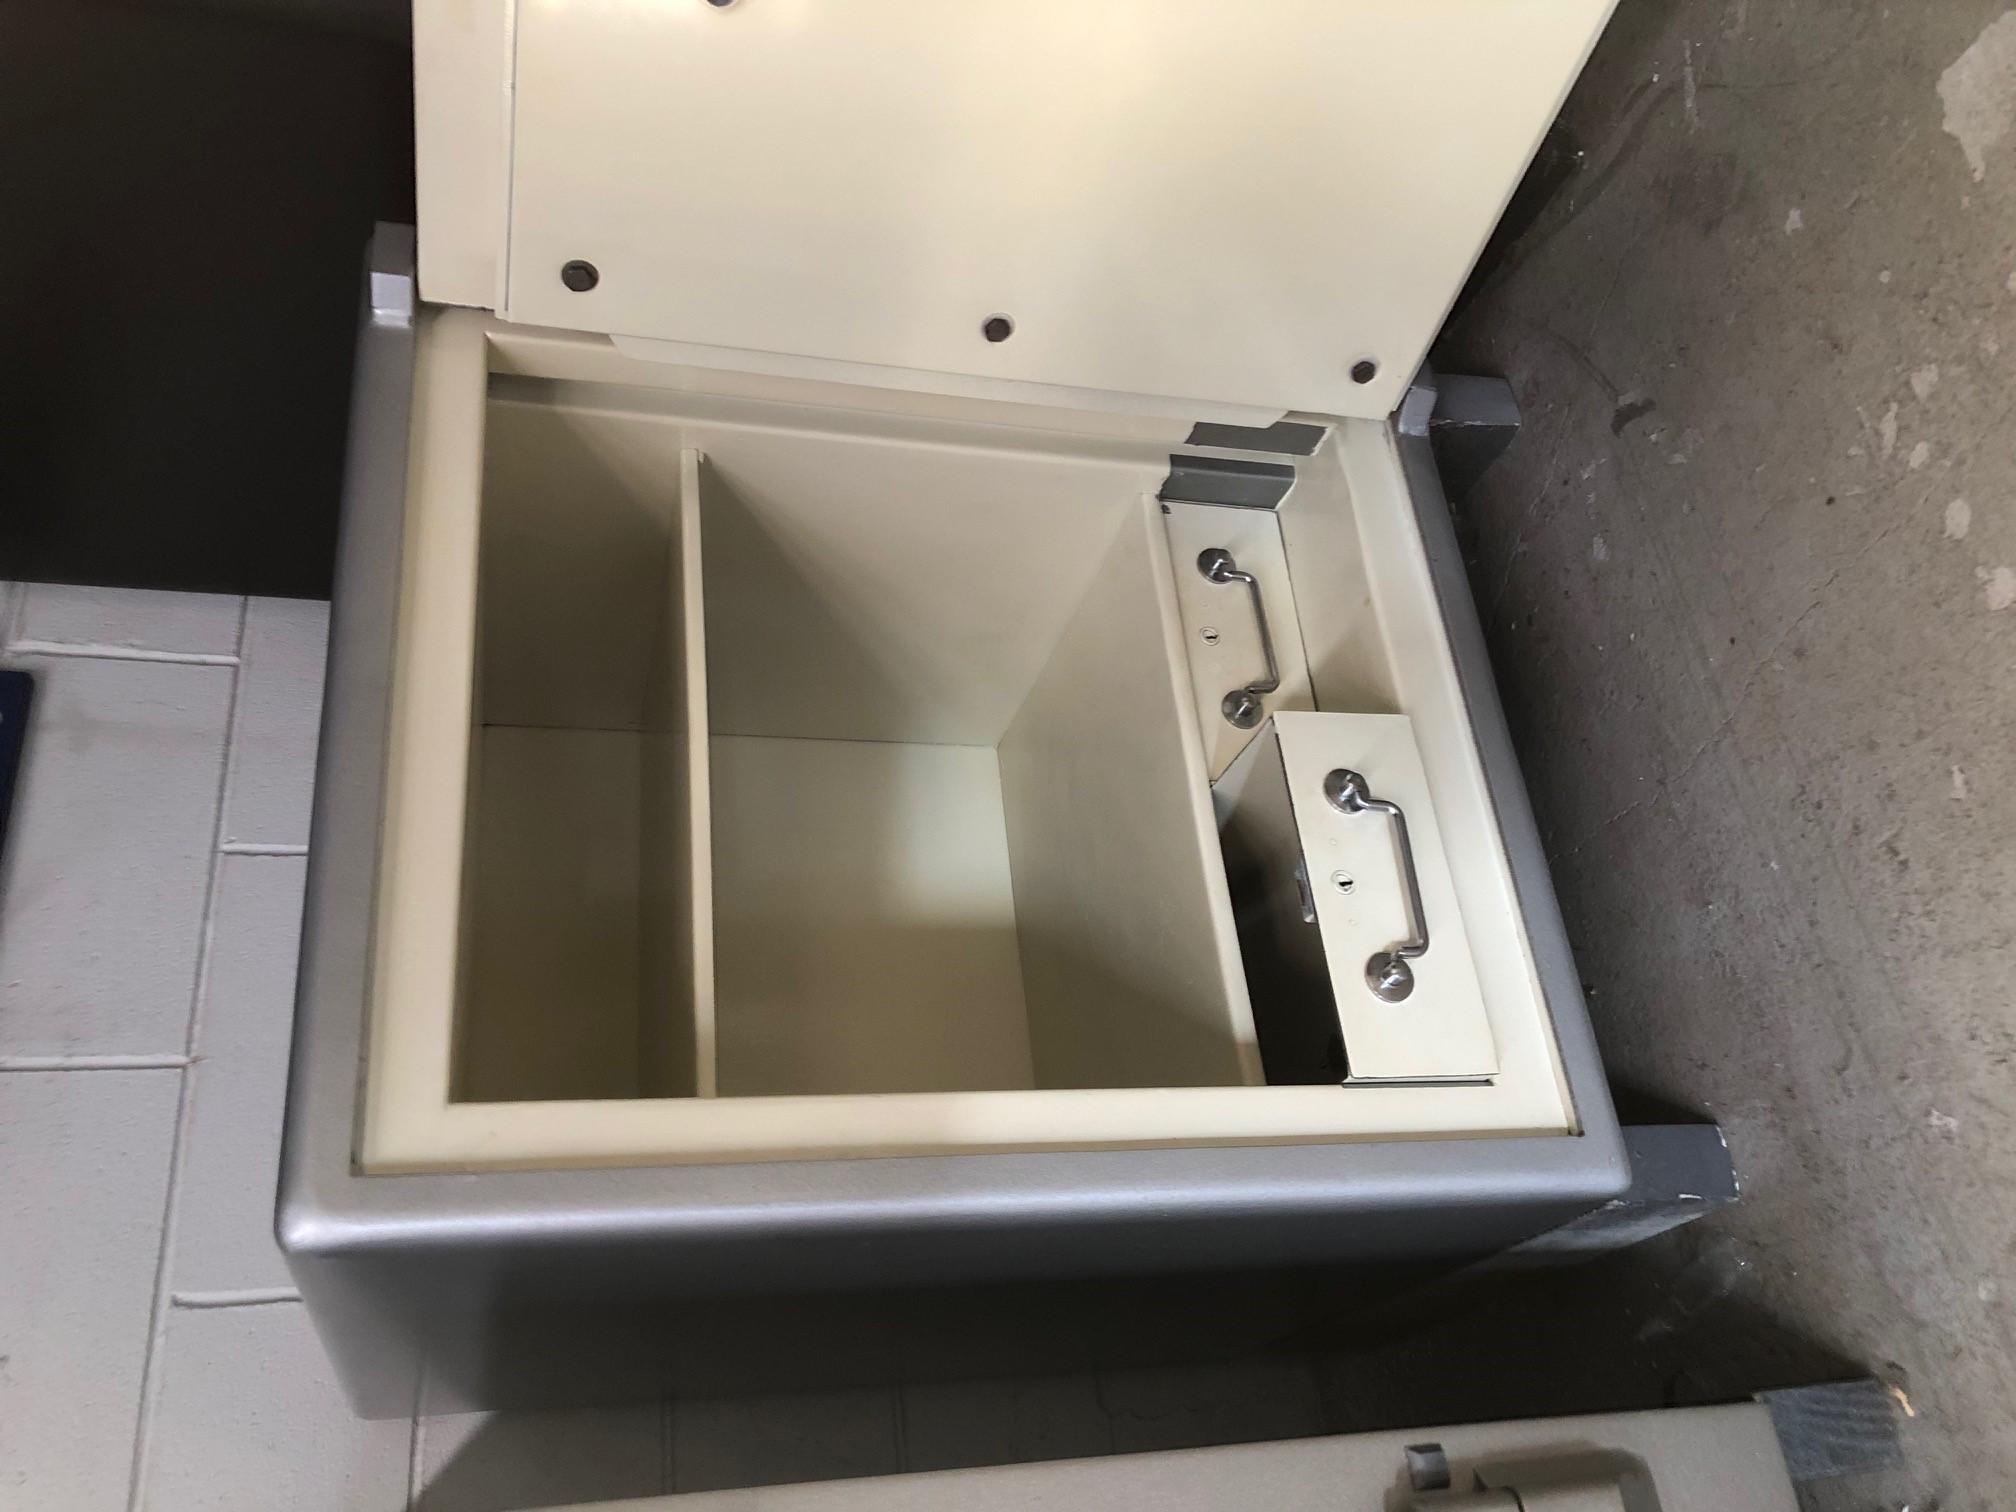 Snelguard Safe door open